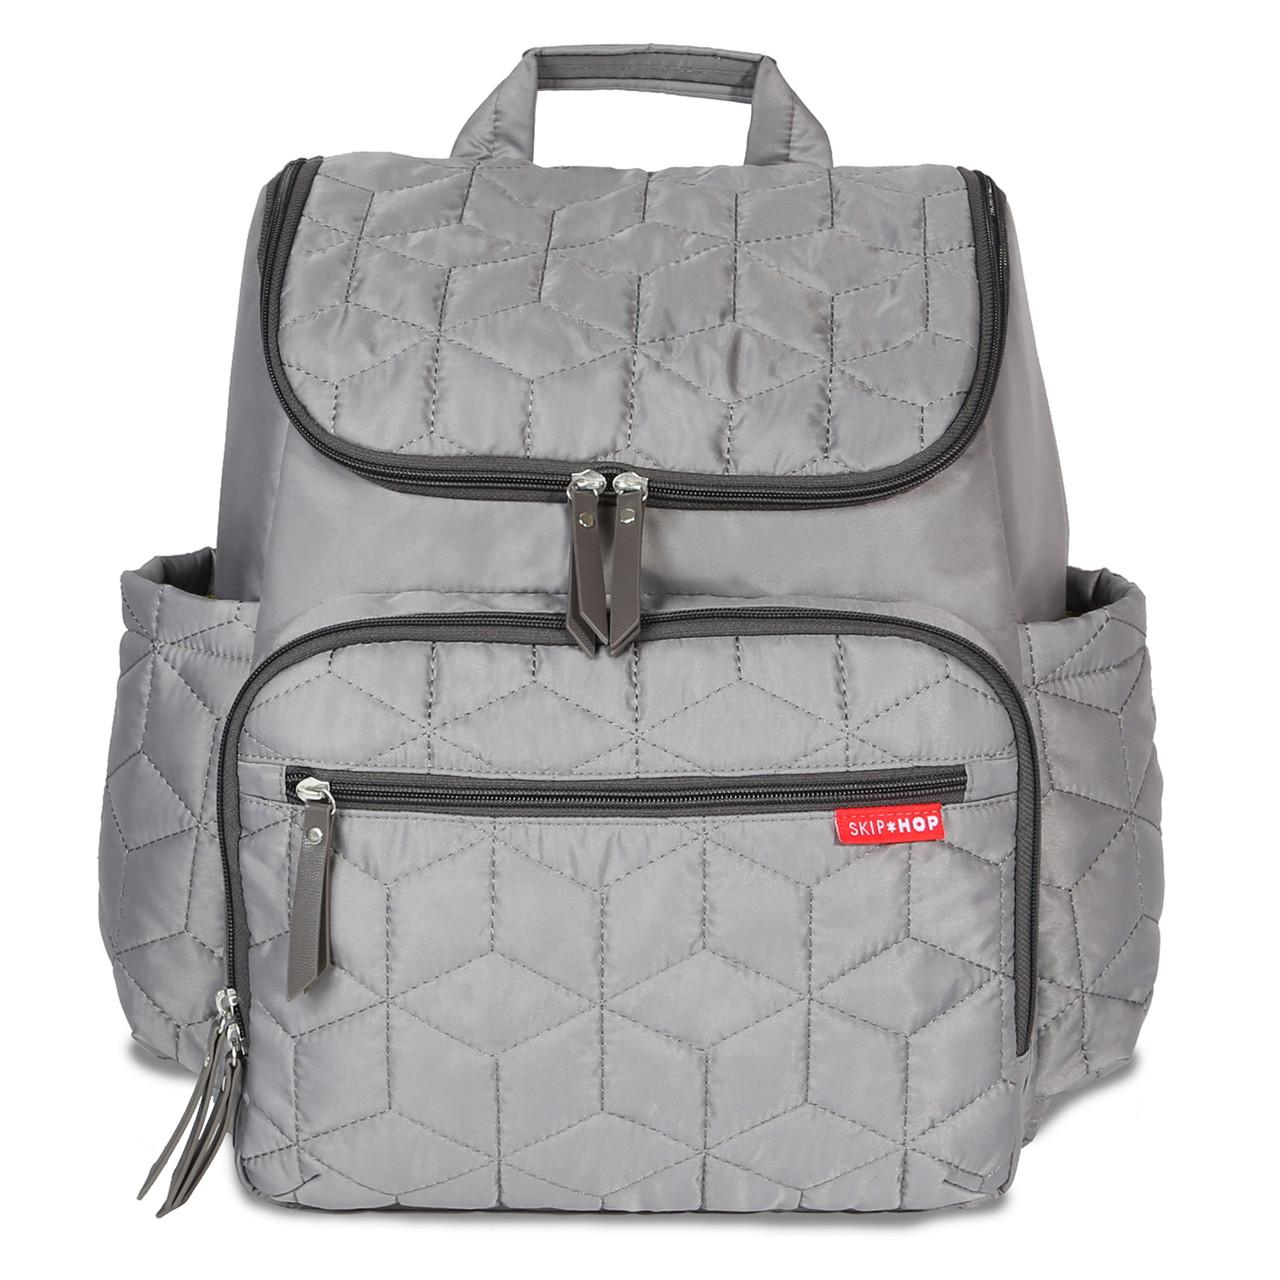 Skip hop рюкзак для мамы рюкзак dfreeride 26